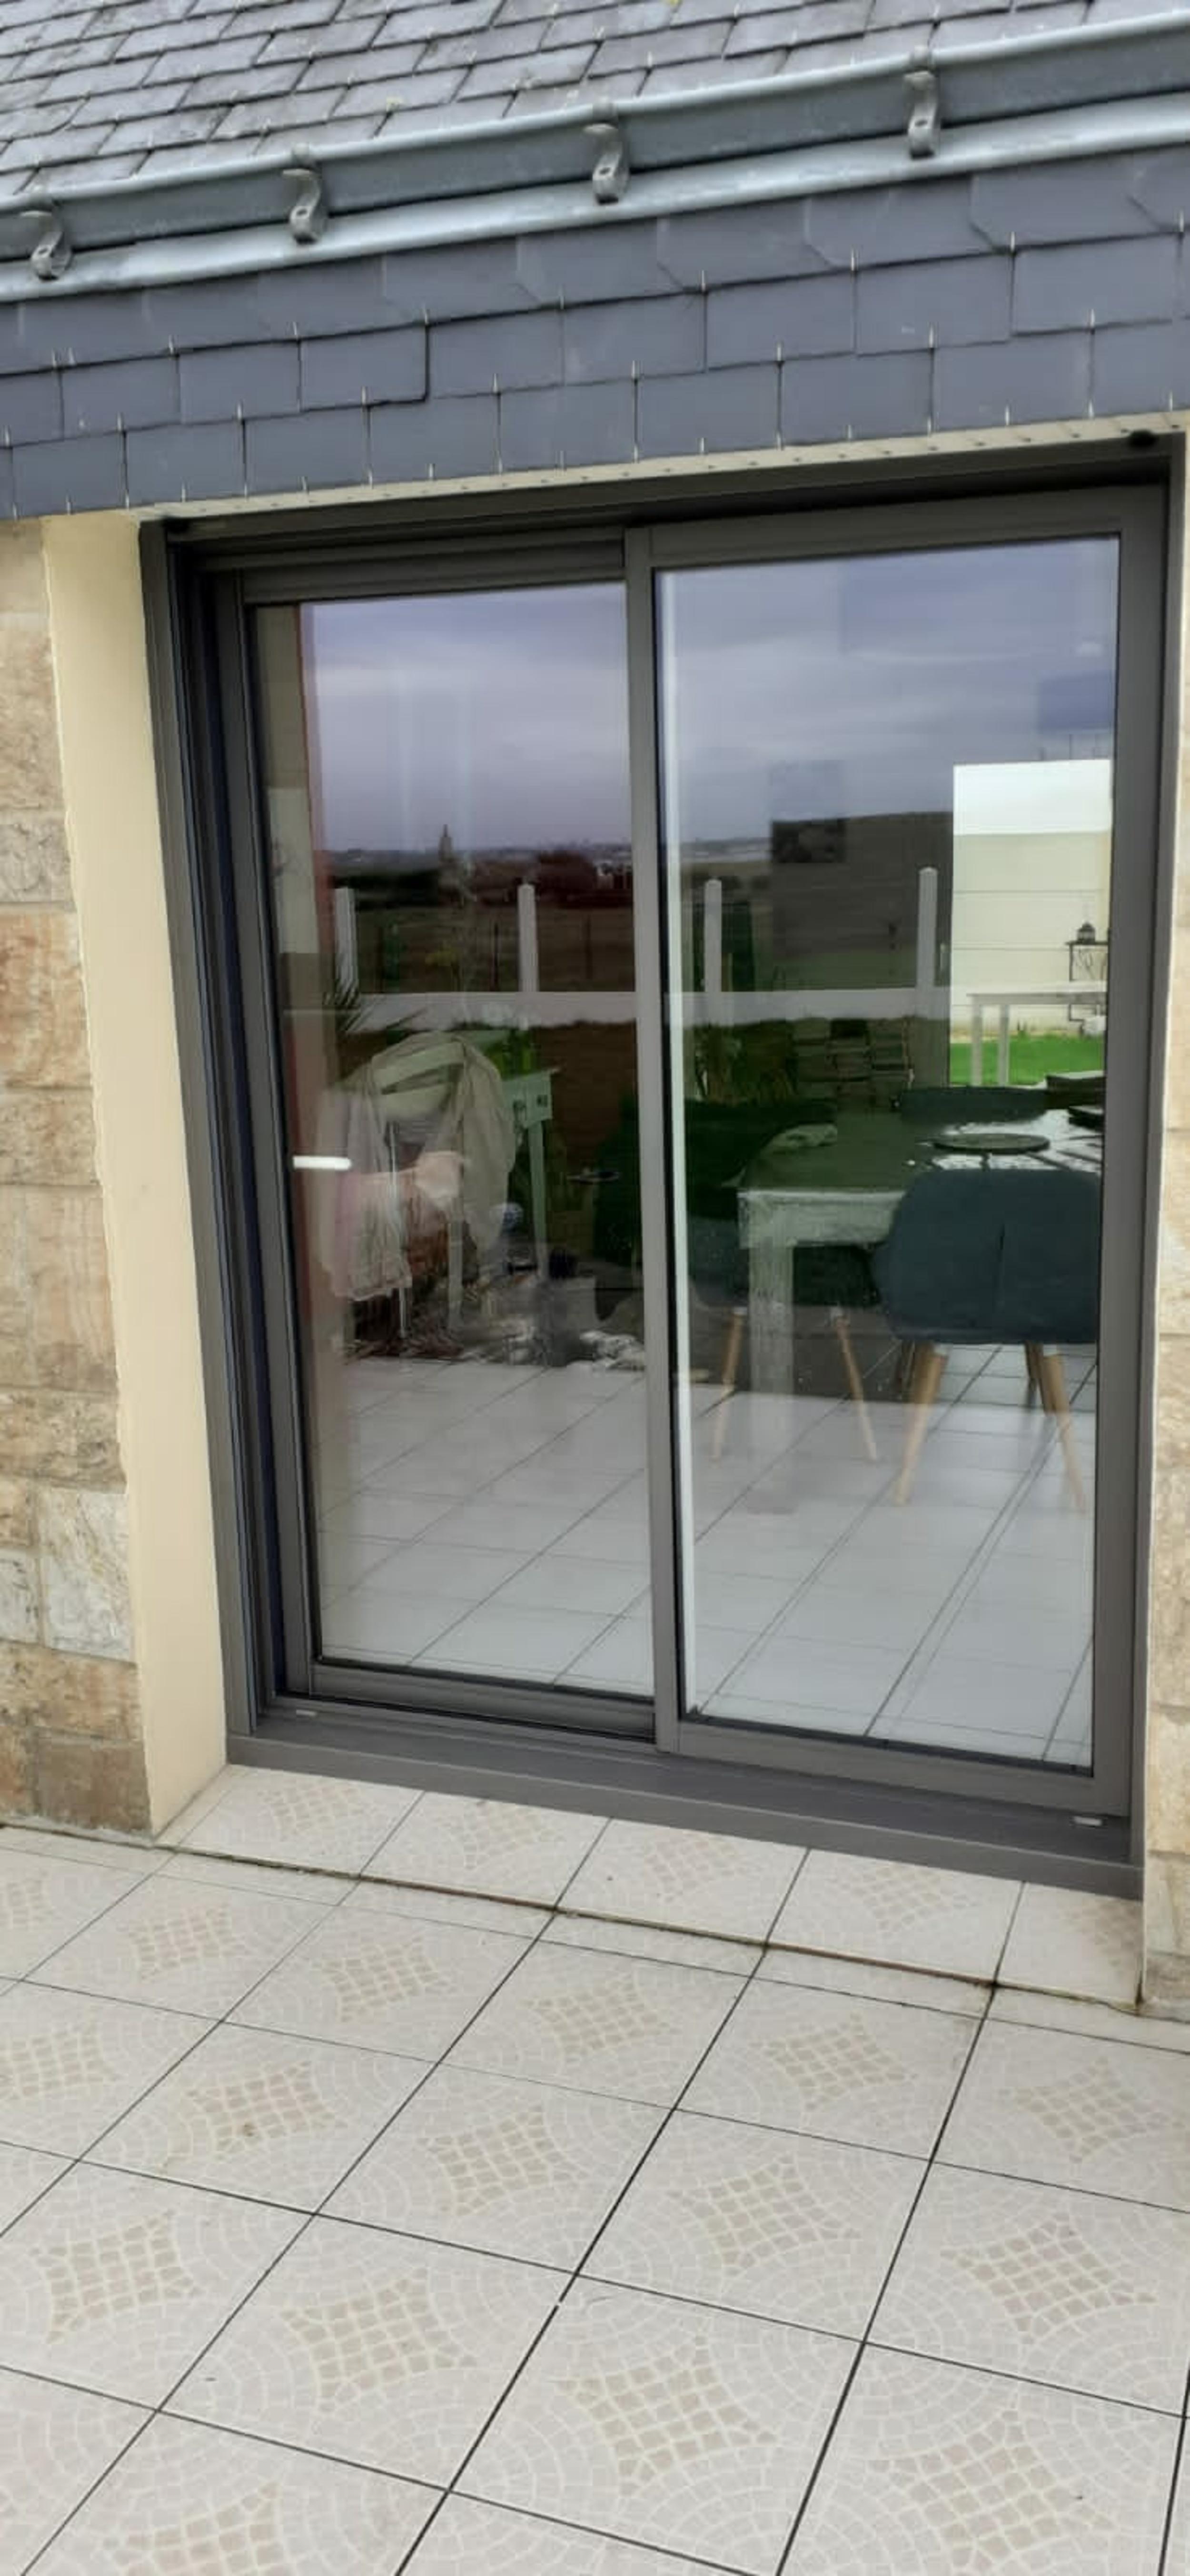 Baie vitrée alu coulissante et portes fenêtres 2 vantaux asymétriques - Gavres - Morbihan